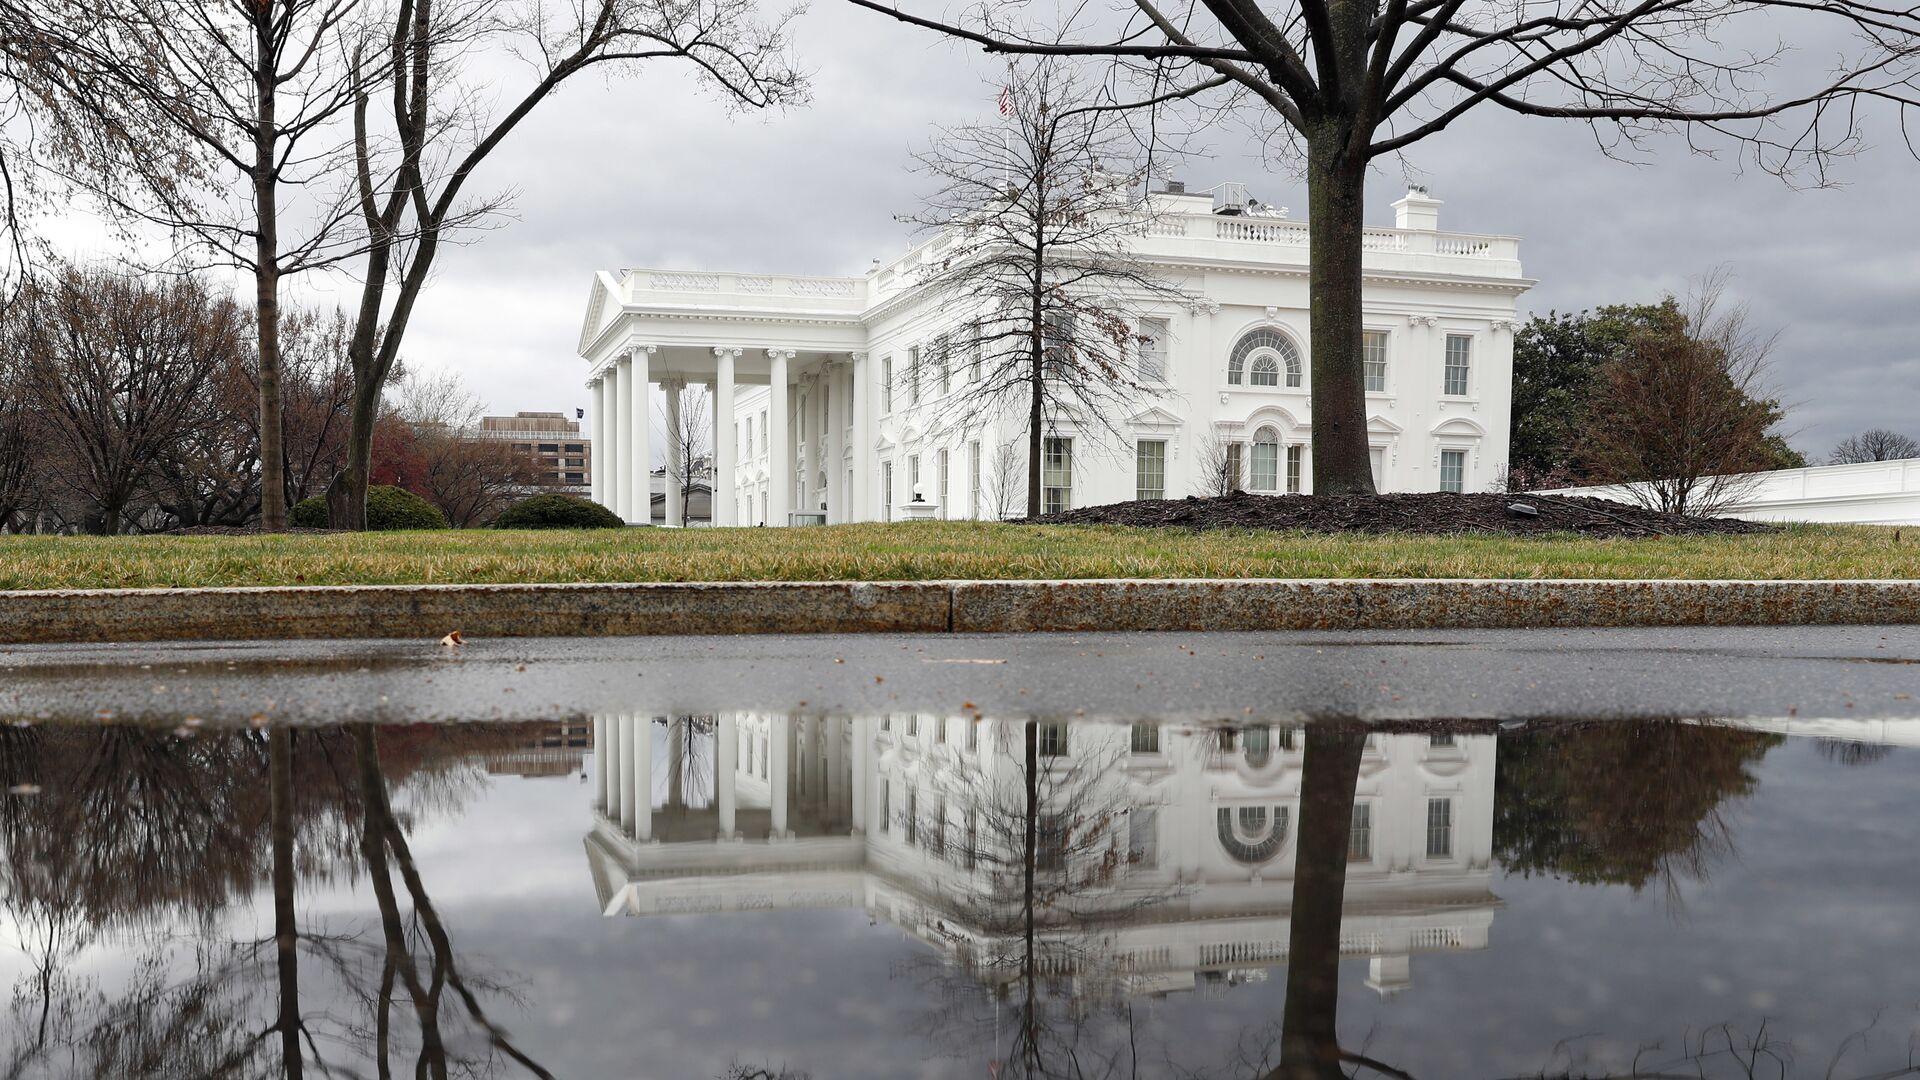 Здание Белого дома в Вашингтоне, США - РИА Новости, 1920, 03.06.2020